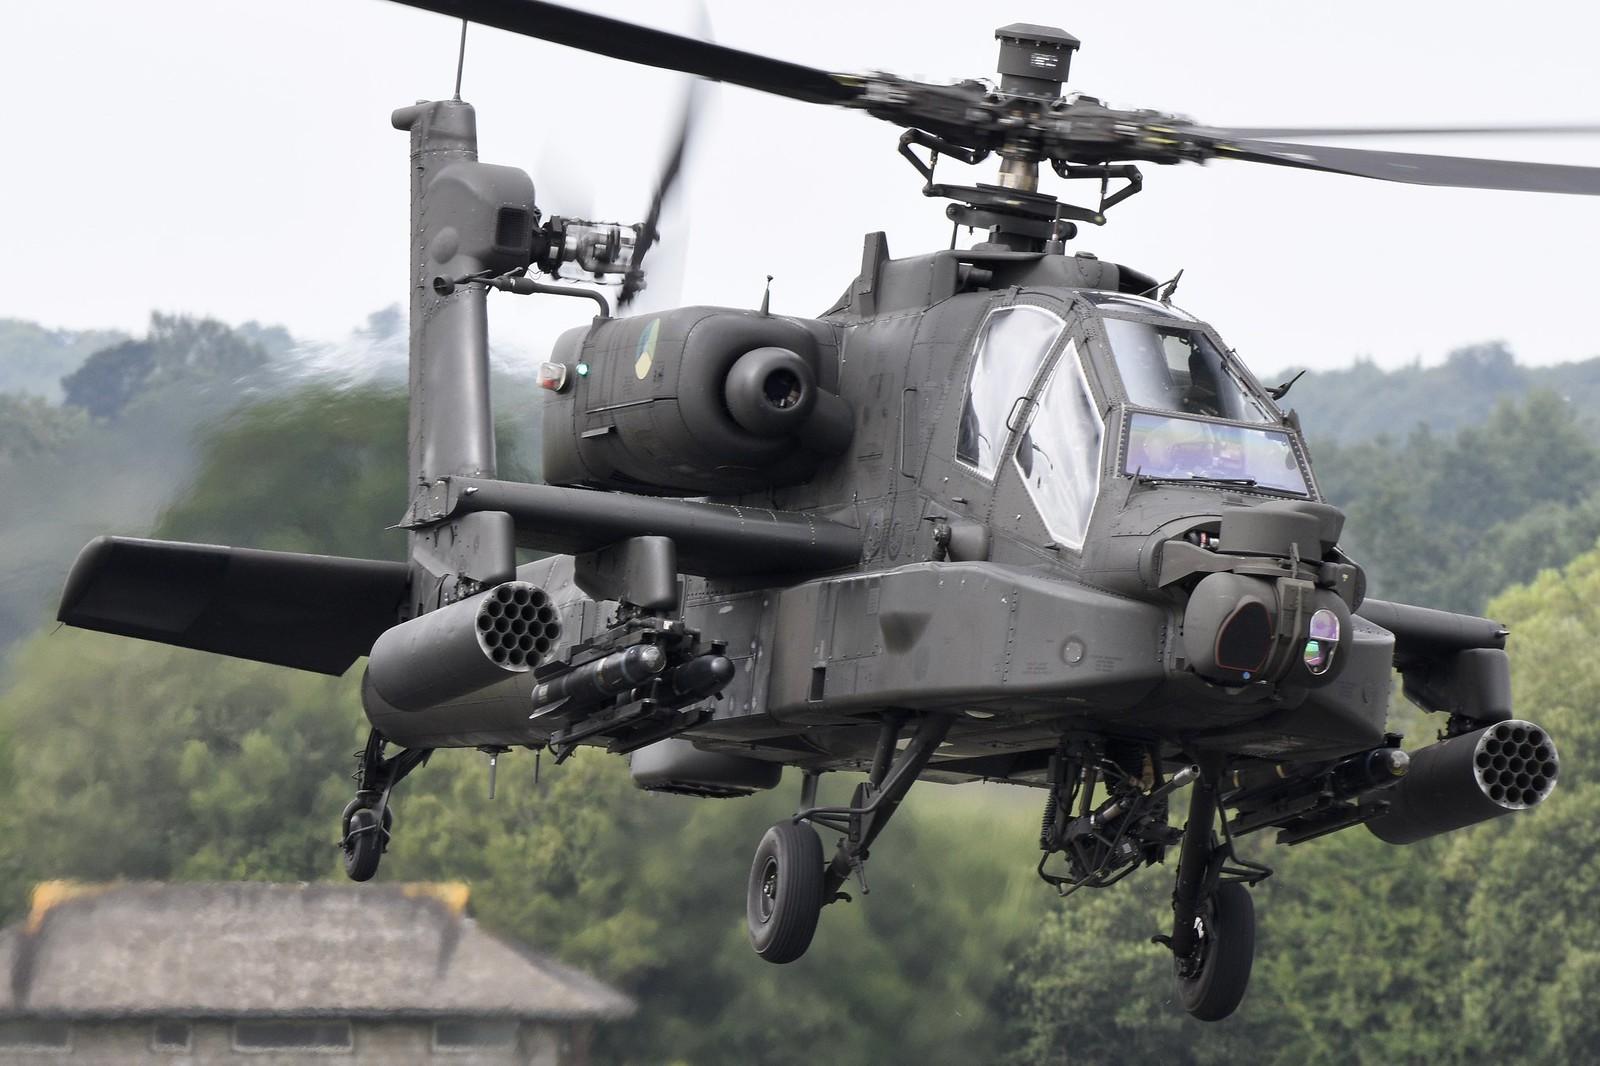 AH-64 Apache 19562132010_7e49130a78_h